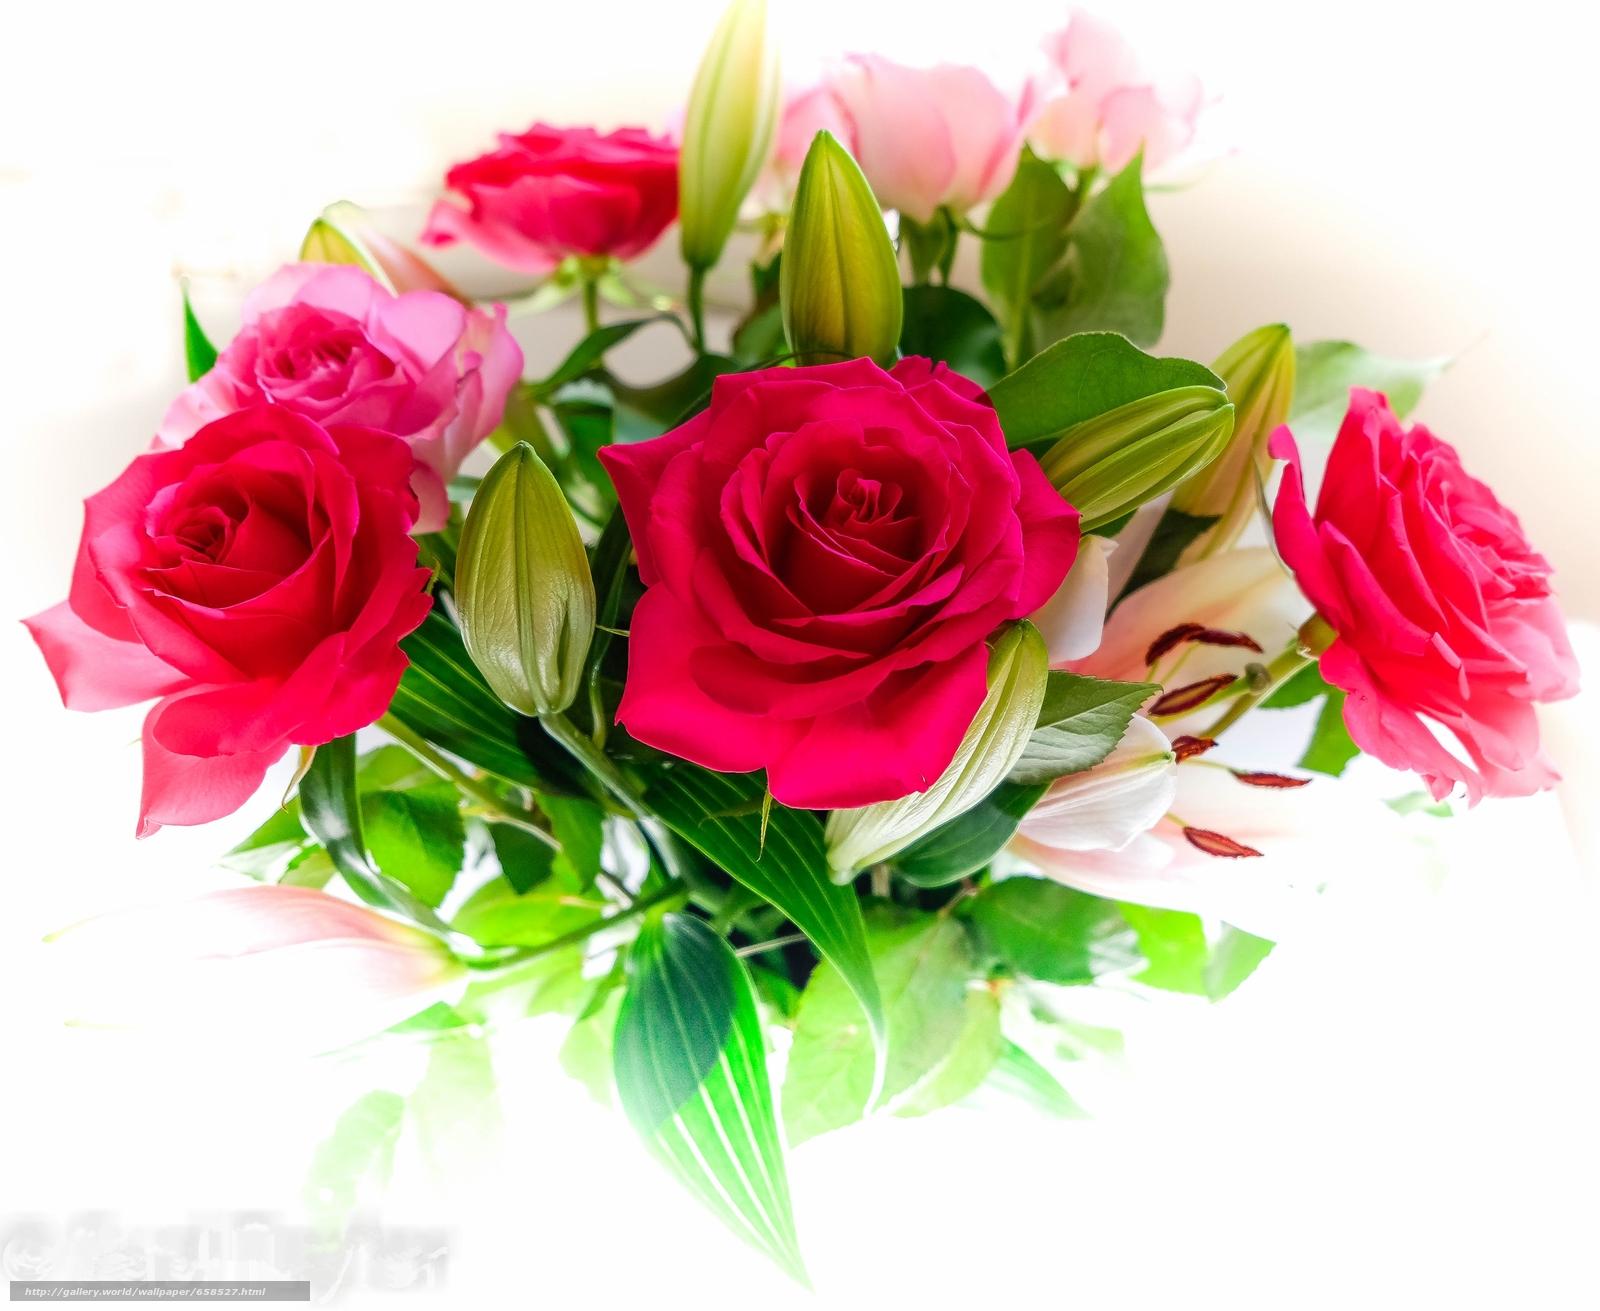 Tlcharger Fond d'ecran fleur,  Fleurs,  flore,  rose Fonds d'ecran gratuits pour votre rsolution du bureau 3705x3035 — image №658527